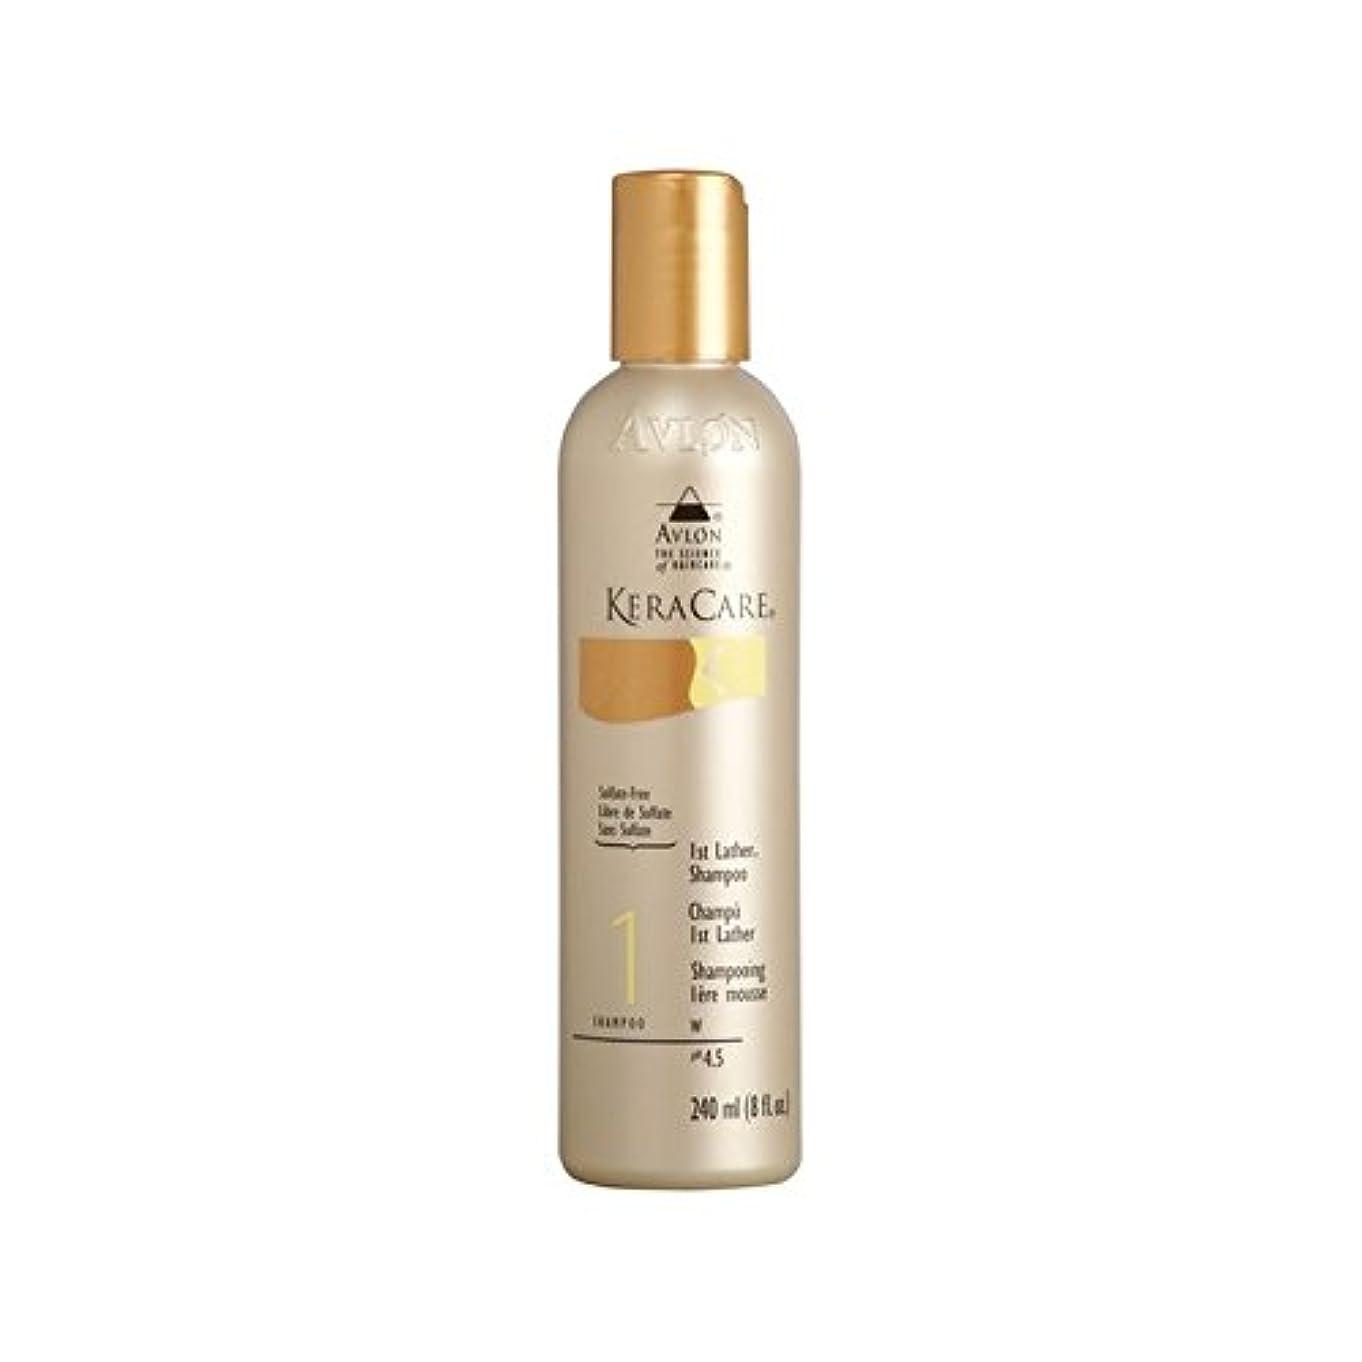 タービンクスクス記者第一泡立ちのシャンプー(240ミリリットル) x4 - Keracare 1St Lather Shampoo (240ml) (Pack of 4) [並行輸入品]